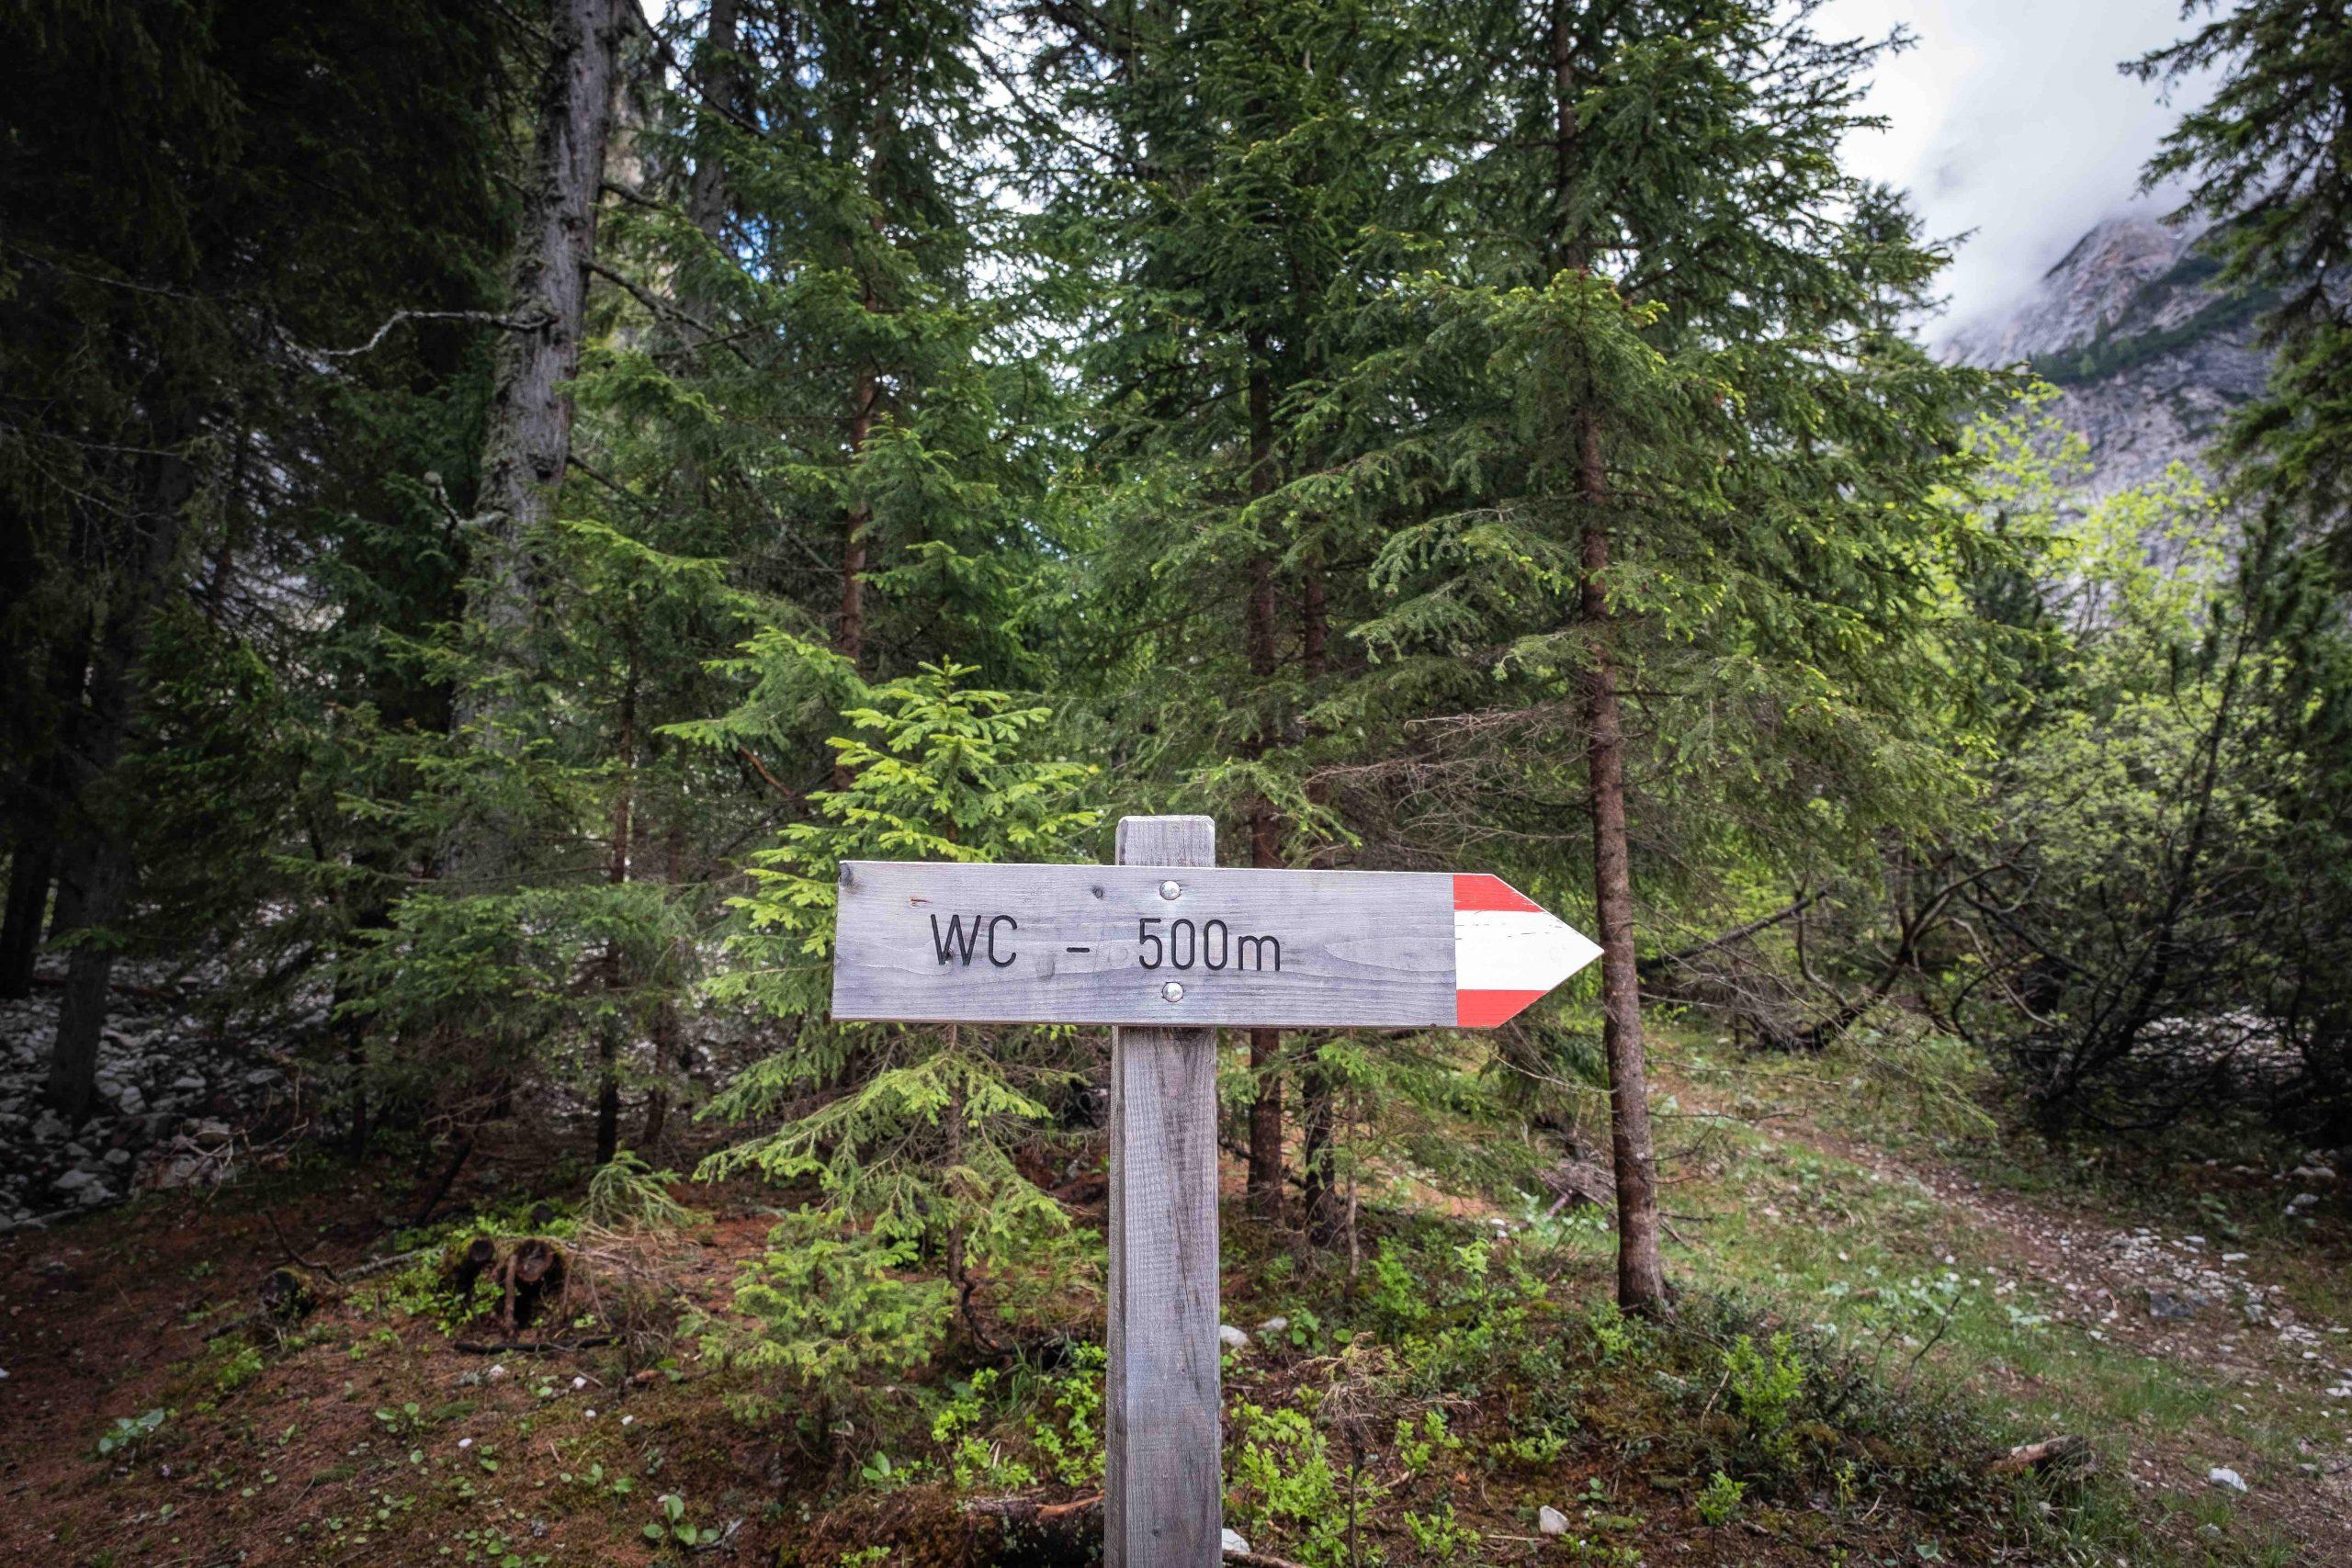 Verboten? Oder einfach keine gute Idee? FAQs zum Verhalten am Berg. © Pauli Trenkwalder I bergundsteigen.blog